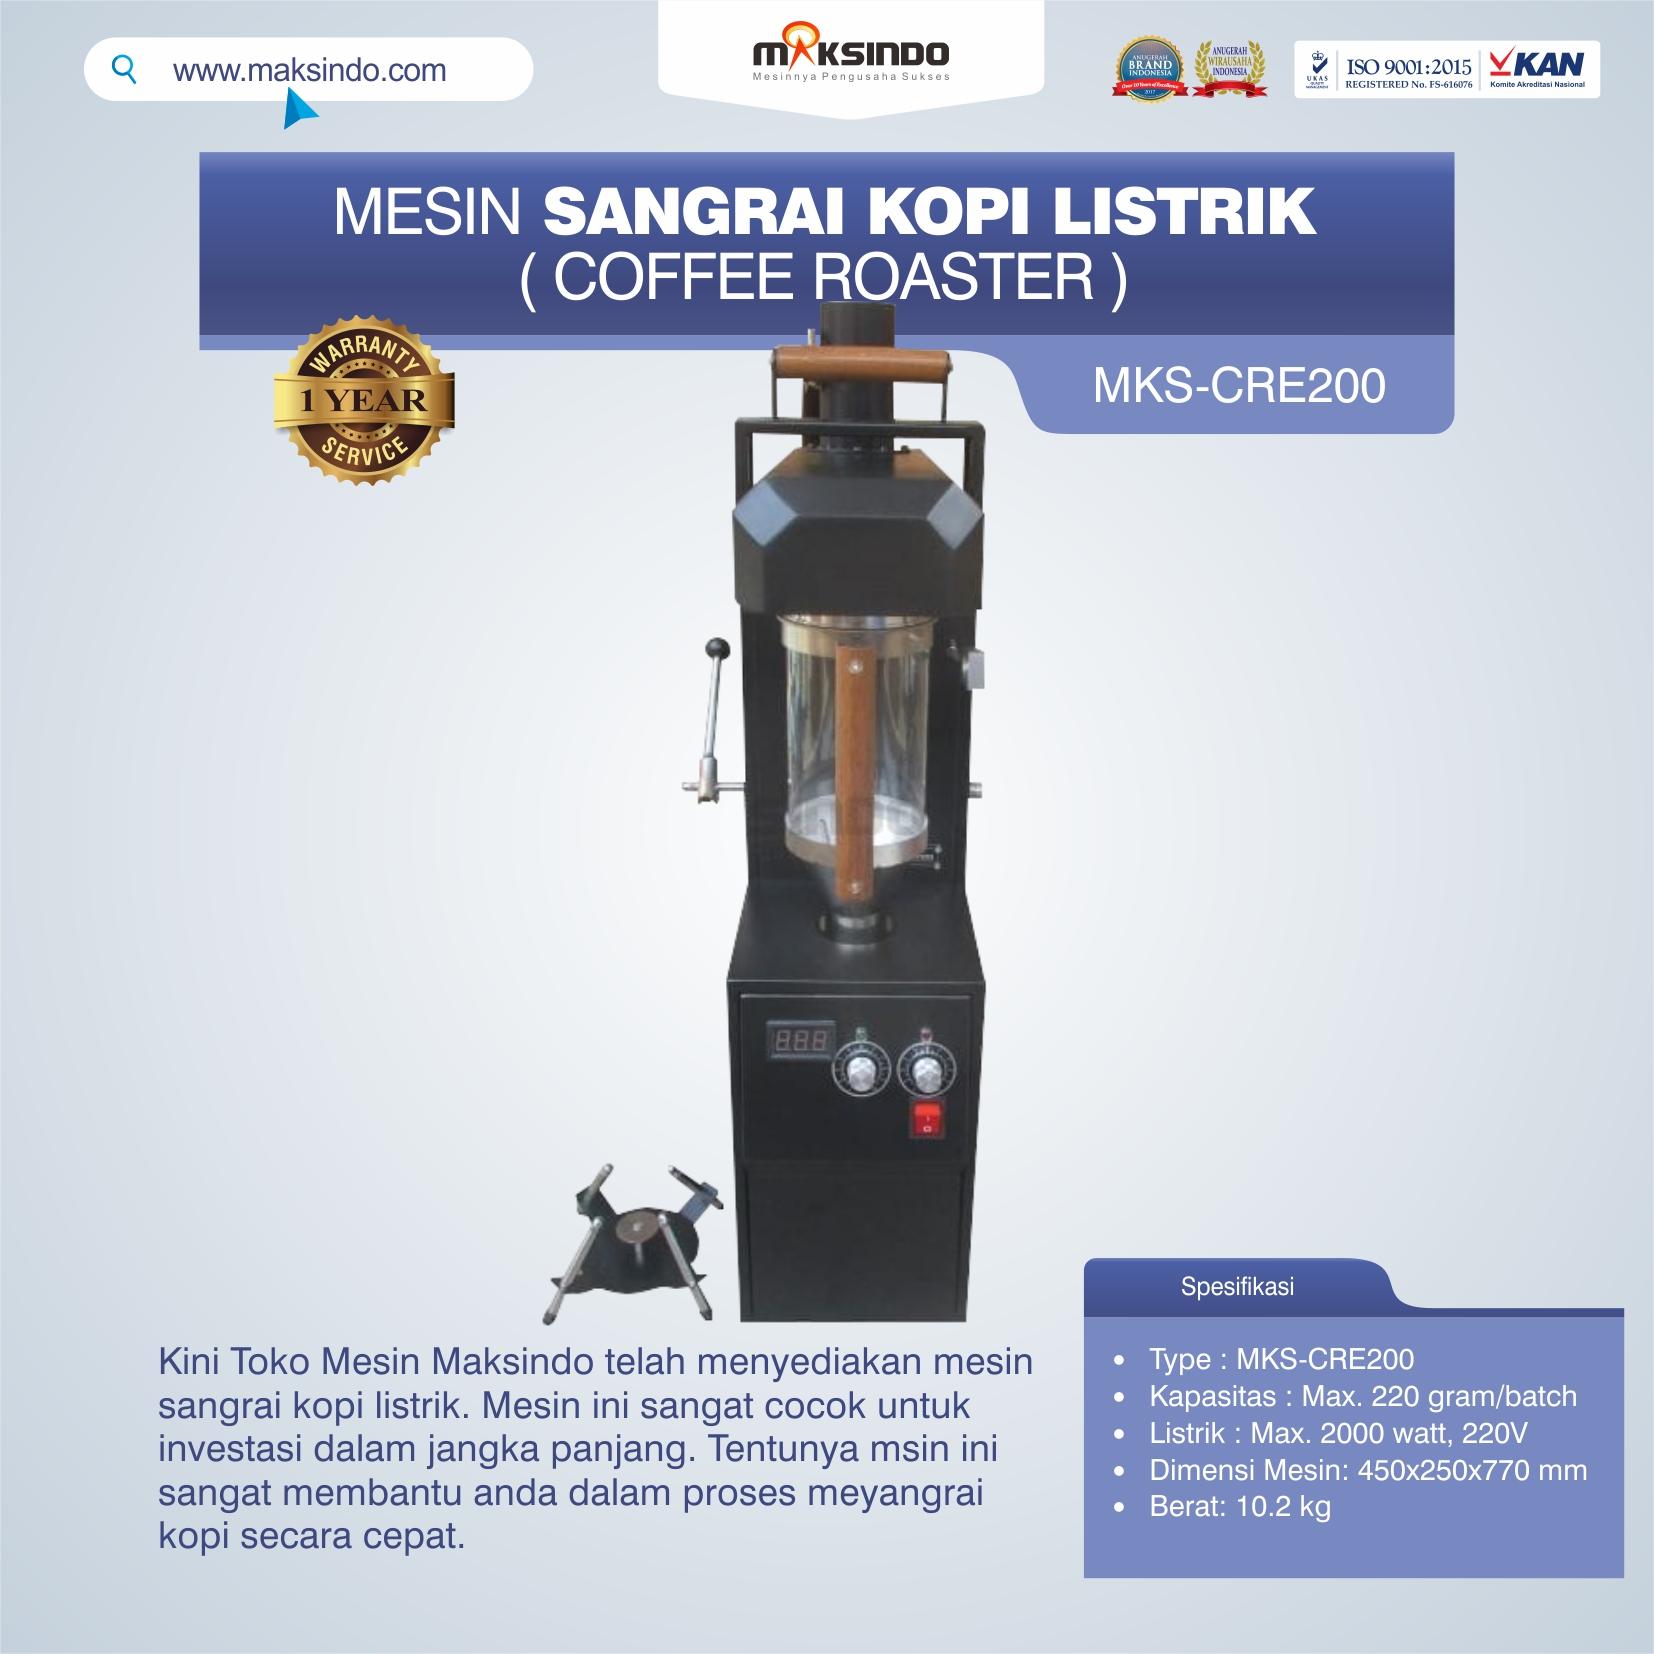 Jual Mesin Sangrai Kopi Listrik (Coffee Roaster) MKS-CRE200 di Makassar